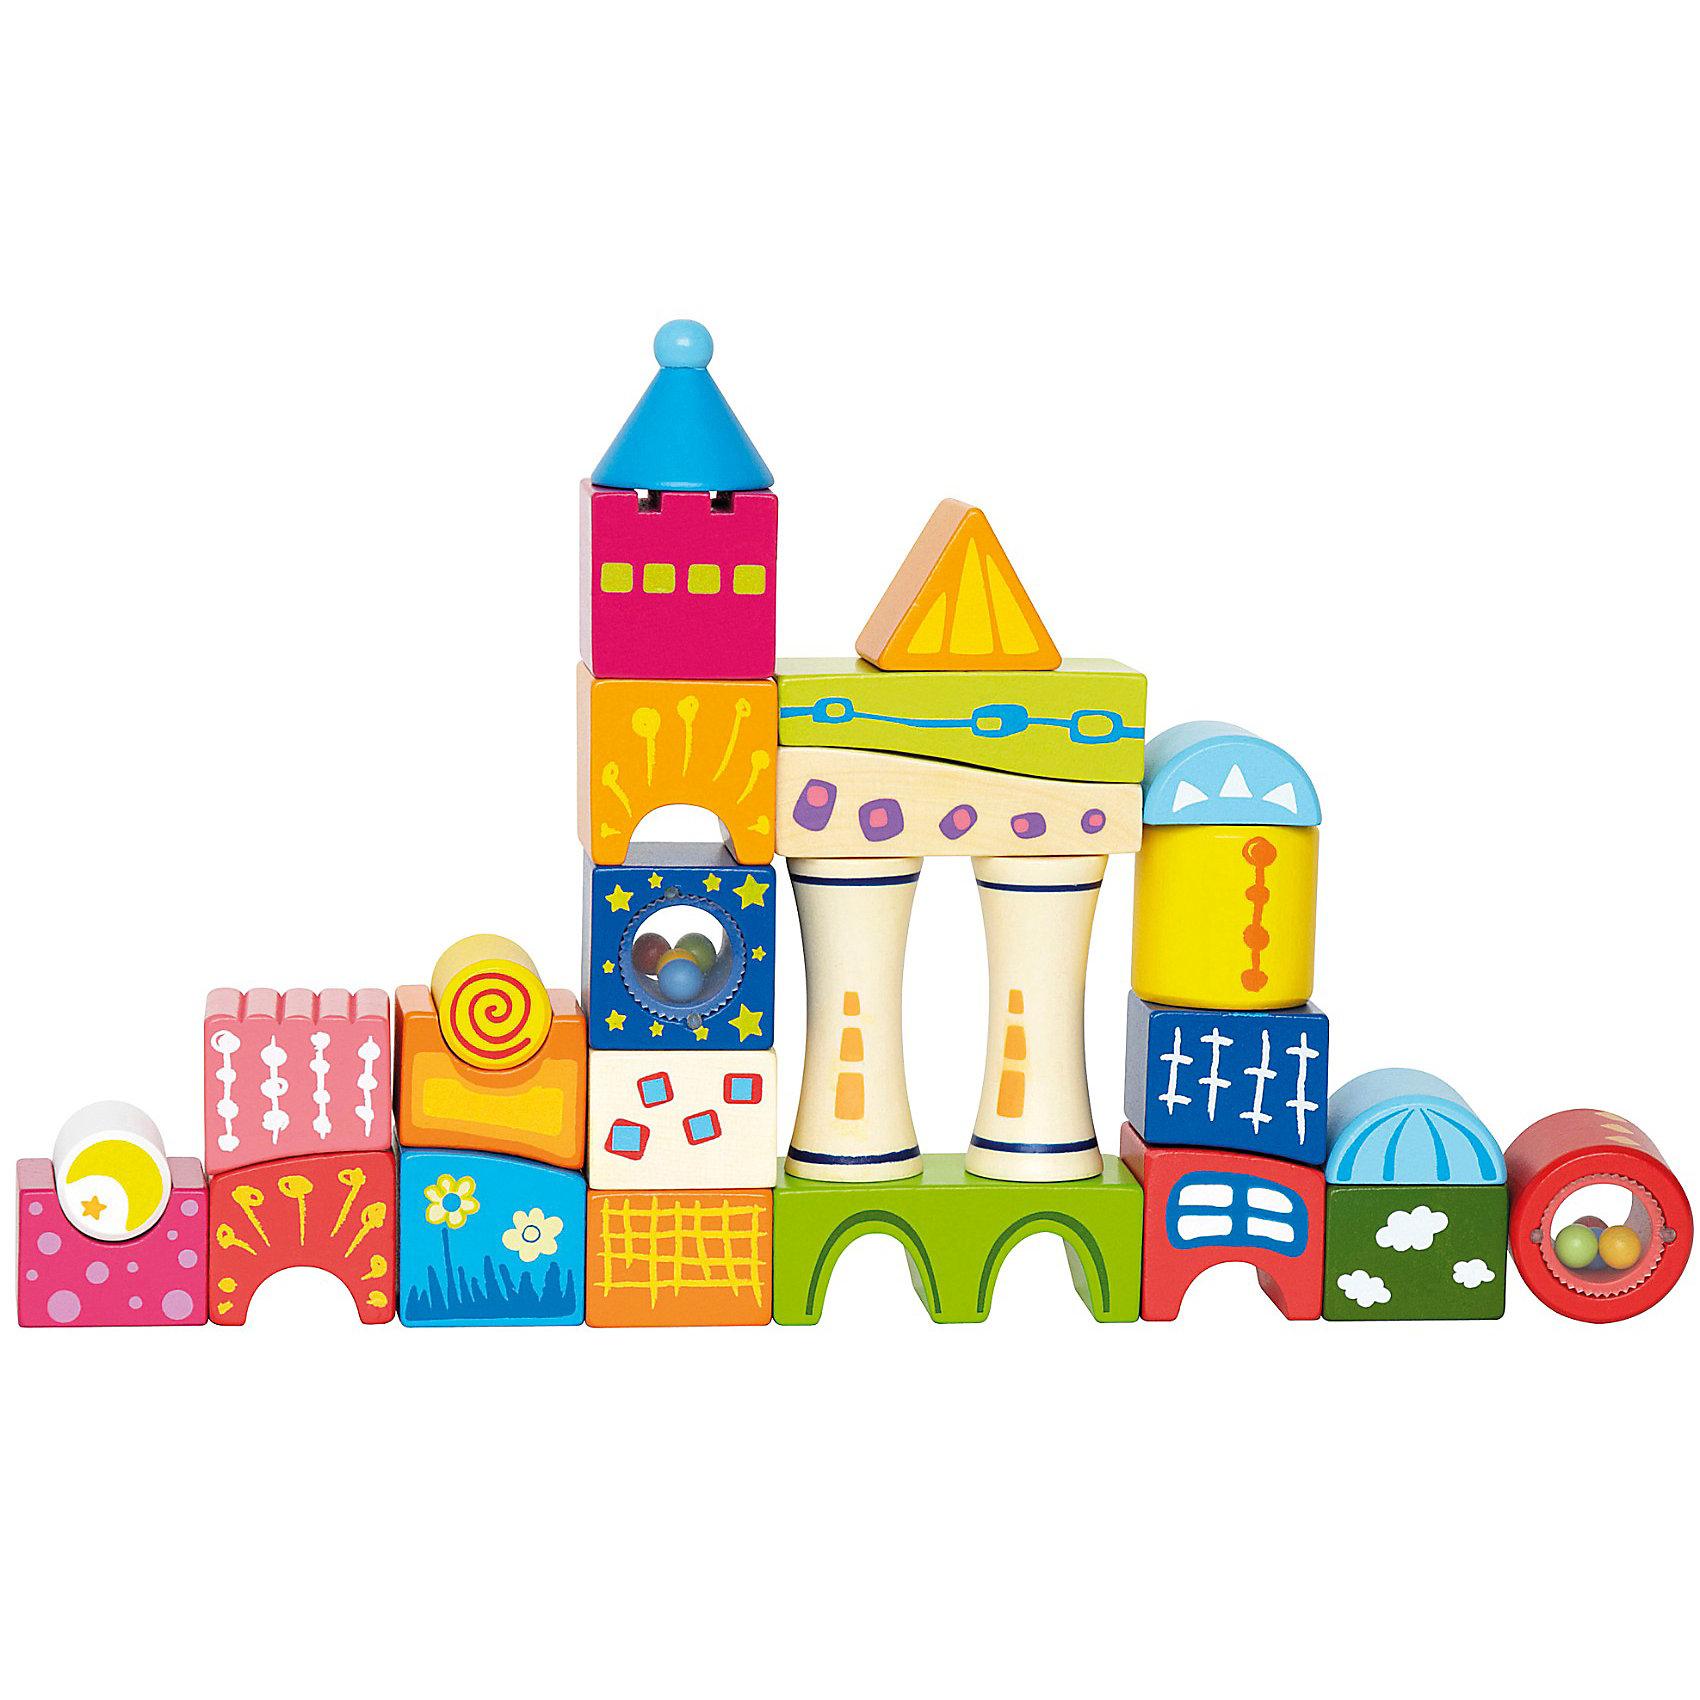 Конструктор Замок, HapeДеревянные конструкторы<br>Конструктор Замок от Hape - красивый и высококачественный деревянный конструктор, который наверняка понравится вашему малышу.<br><br>Конструктор состоит из ярких блоков различной формы, предлагая малышу множество игр и широкие возможности для творчества.<br><br>Выстраивая домики и пирамидки, складывая кубики по цветам и формам, малыш развивает навыки мелкой моторики и воображение, учится мыслить логически. <br><br>Дополнительная информация:<br><br>- Рекомендован для детей от 2-х лет. <br>- Размер упаковки: 42 х 9 х 18 см<br>- Размеры деталей: 4.8х4.8х4.8 см<br>- Количество деталей: 26 шт.<br>- Вес: 1,1 кг<br><br>Конструктор Замок, Hape можно купить в нашем интернет-магазине.<br><br>Ширина мм: 90<br>Глубина мм: 420<br>Высота мм: 180<br>Вес г: 1333<br>Возраст от месяцев: 24<br>Возраст до месяцев: 60<br>Пол: Унисекс<br>Возраст: Детский<br>SKU: 2416602